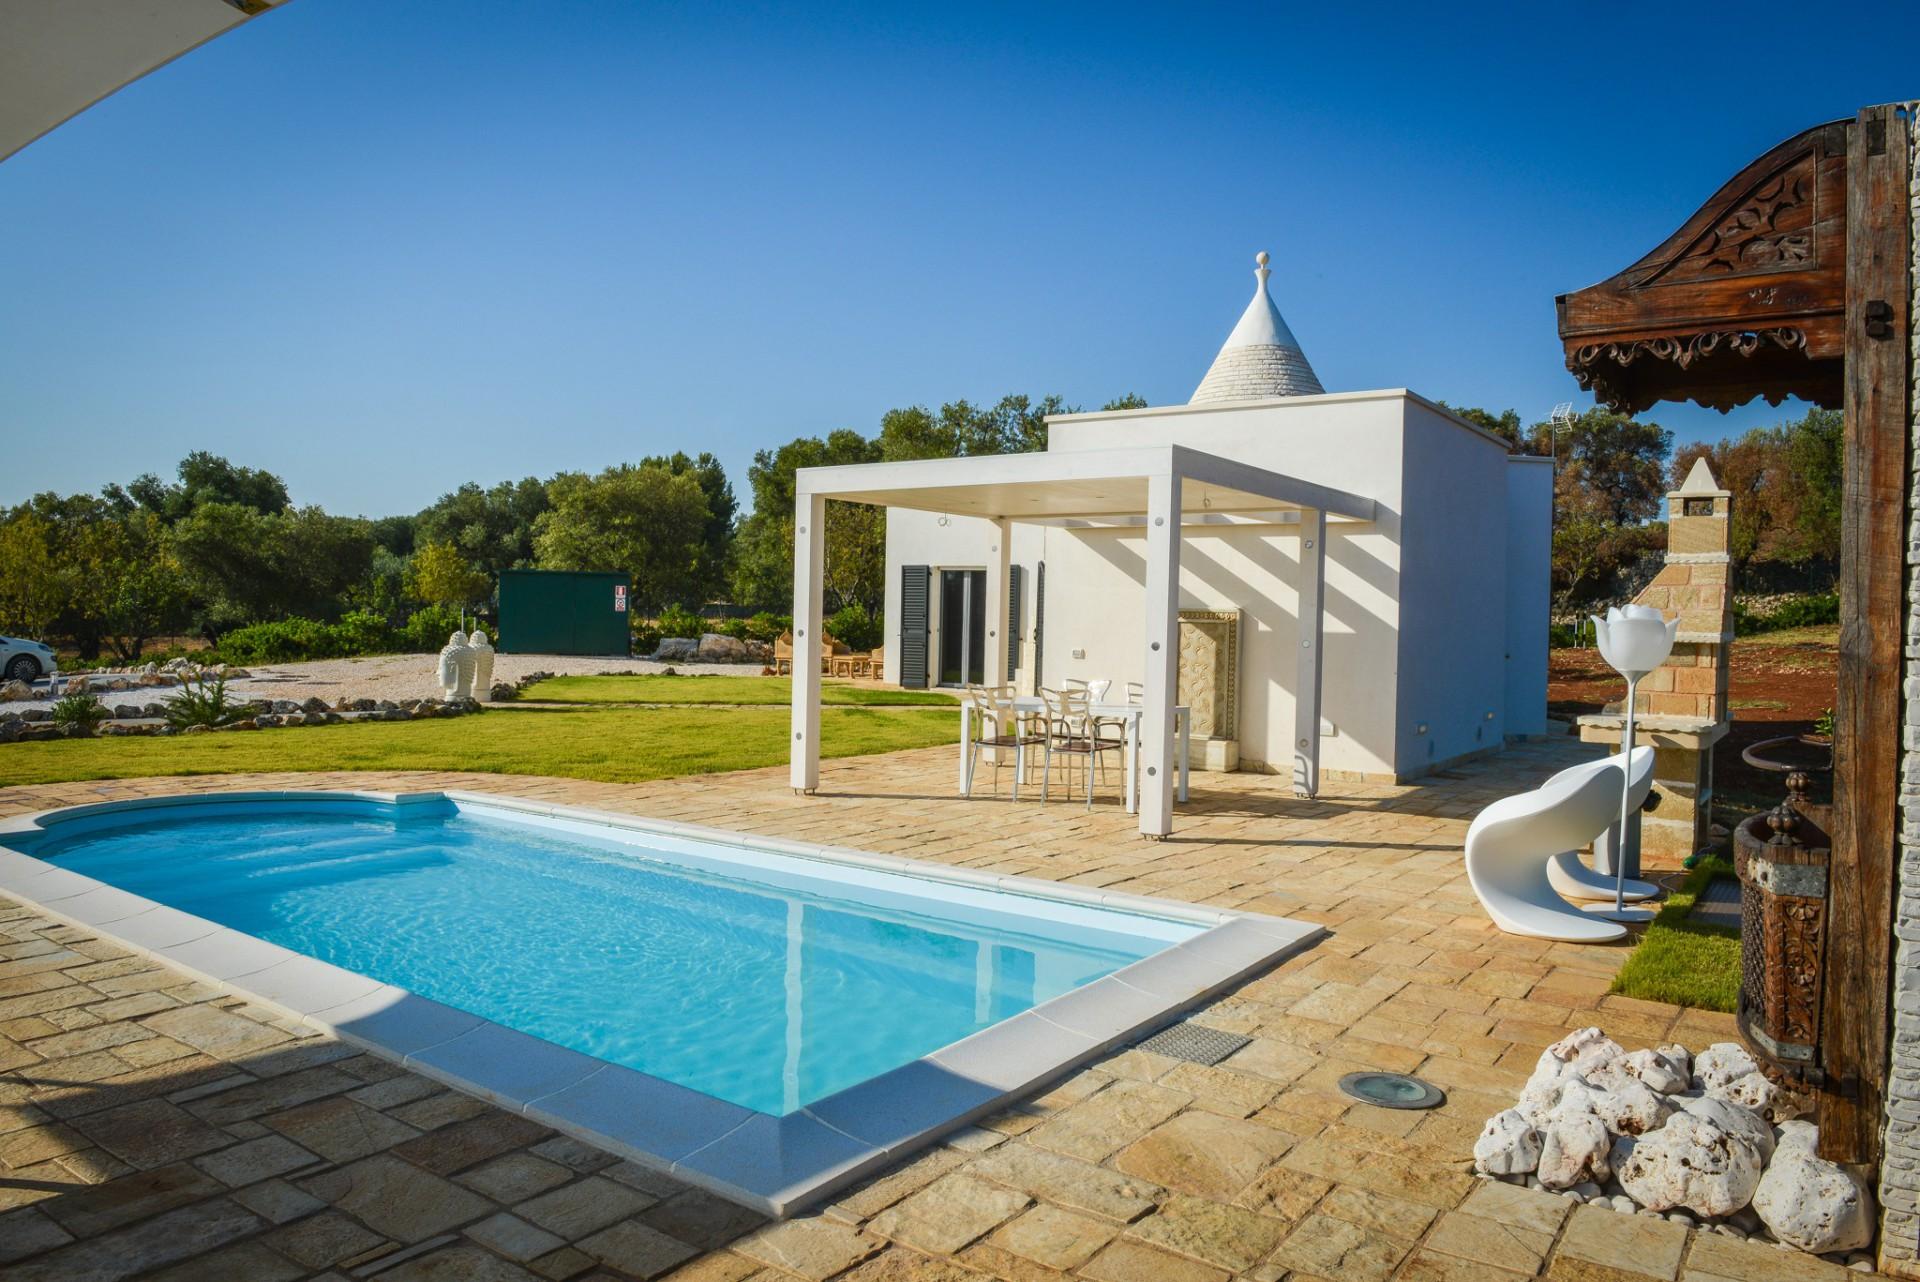 Bel trullo con piscina in vendita a carovigno puglia - Ville in vendita con piscina ...